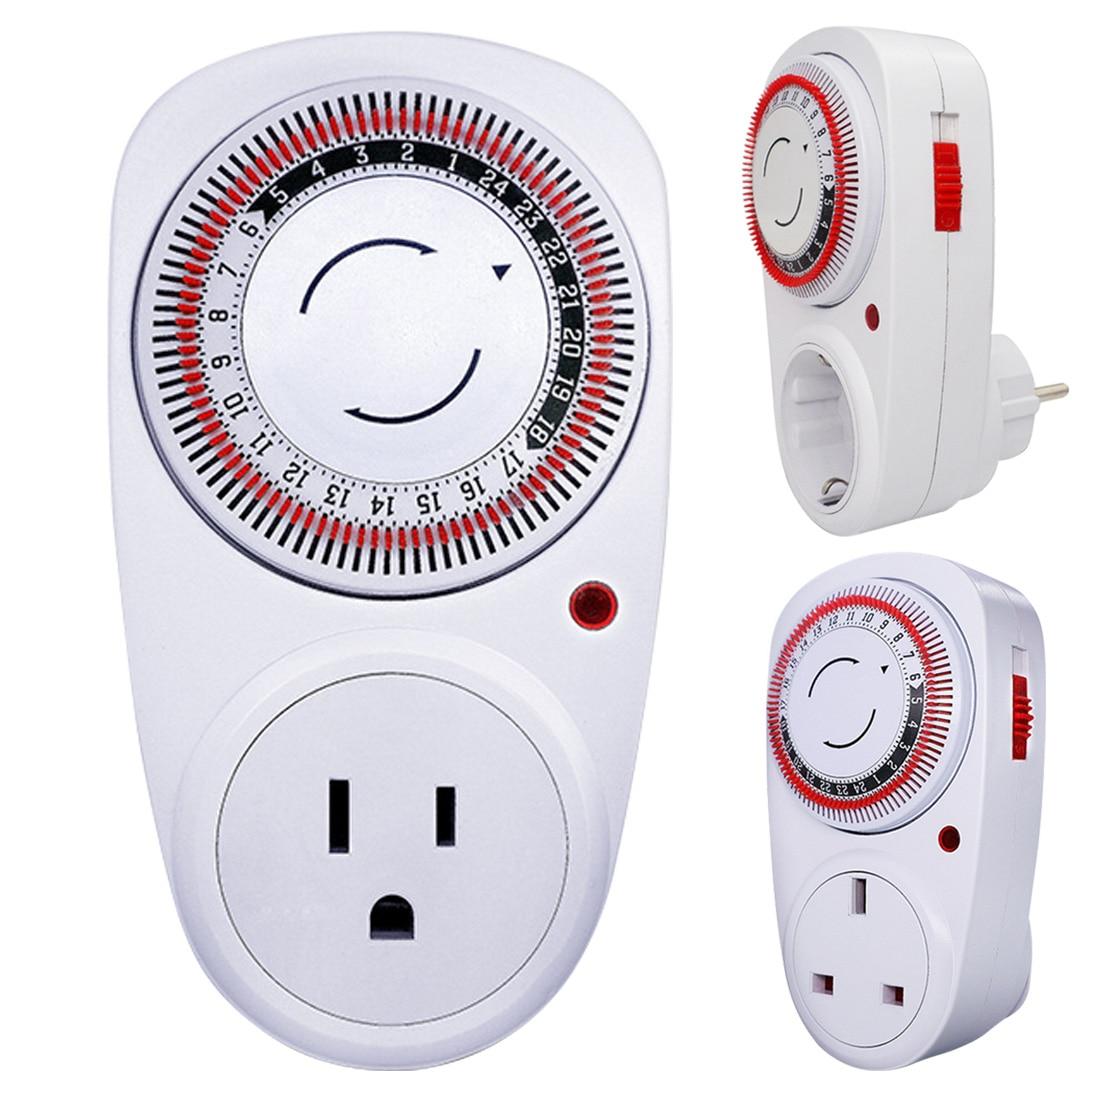 24 horas Plug-in Programa Elétrica Mecânica Timer Programável Interruptor De Alimentação 230V de Poupança De Energia DA UE/EUA/ UK Plug